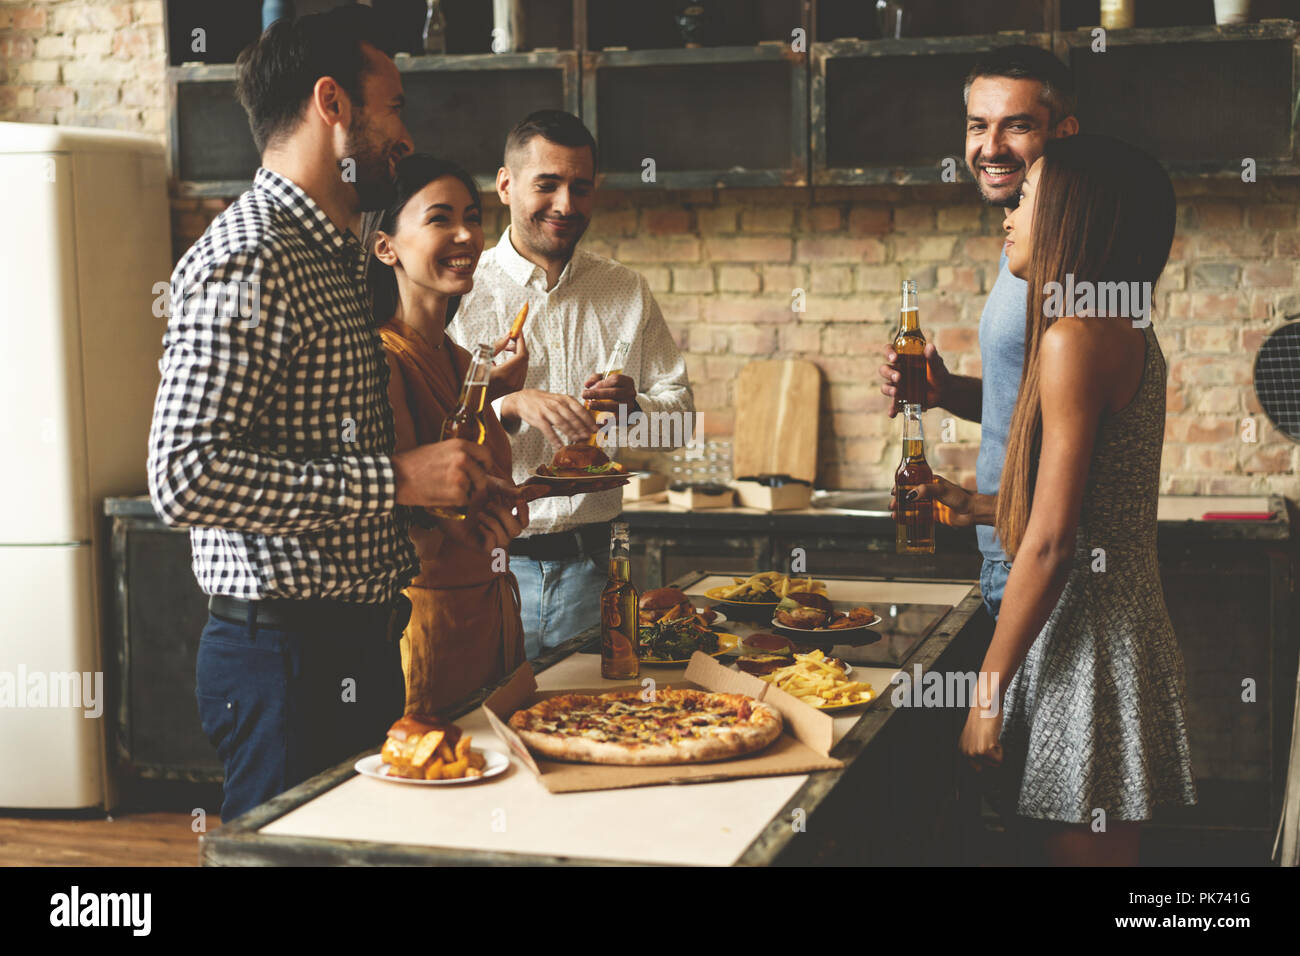 Home partito. Lunghezza completa di i giovani allegri godendo home party durante la comunicazione e mangiare spuntini sulla cucina. Immagini Stock